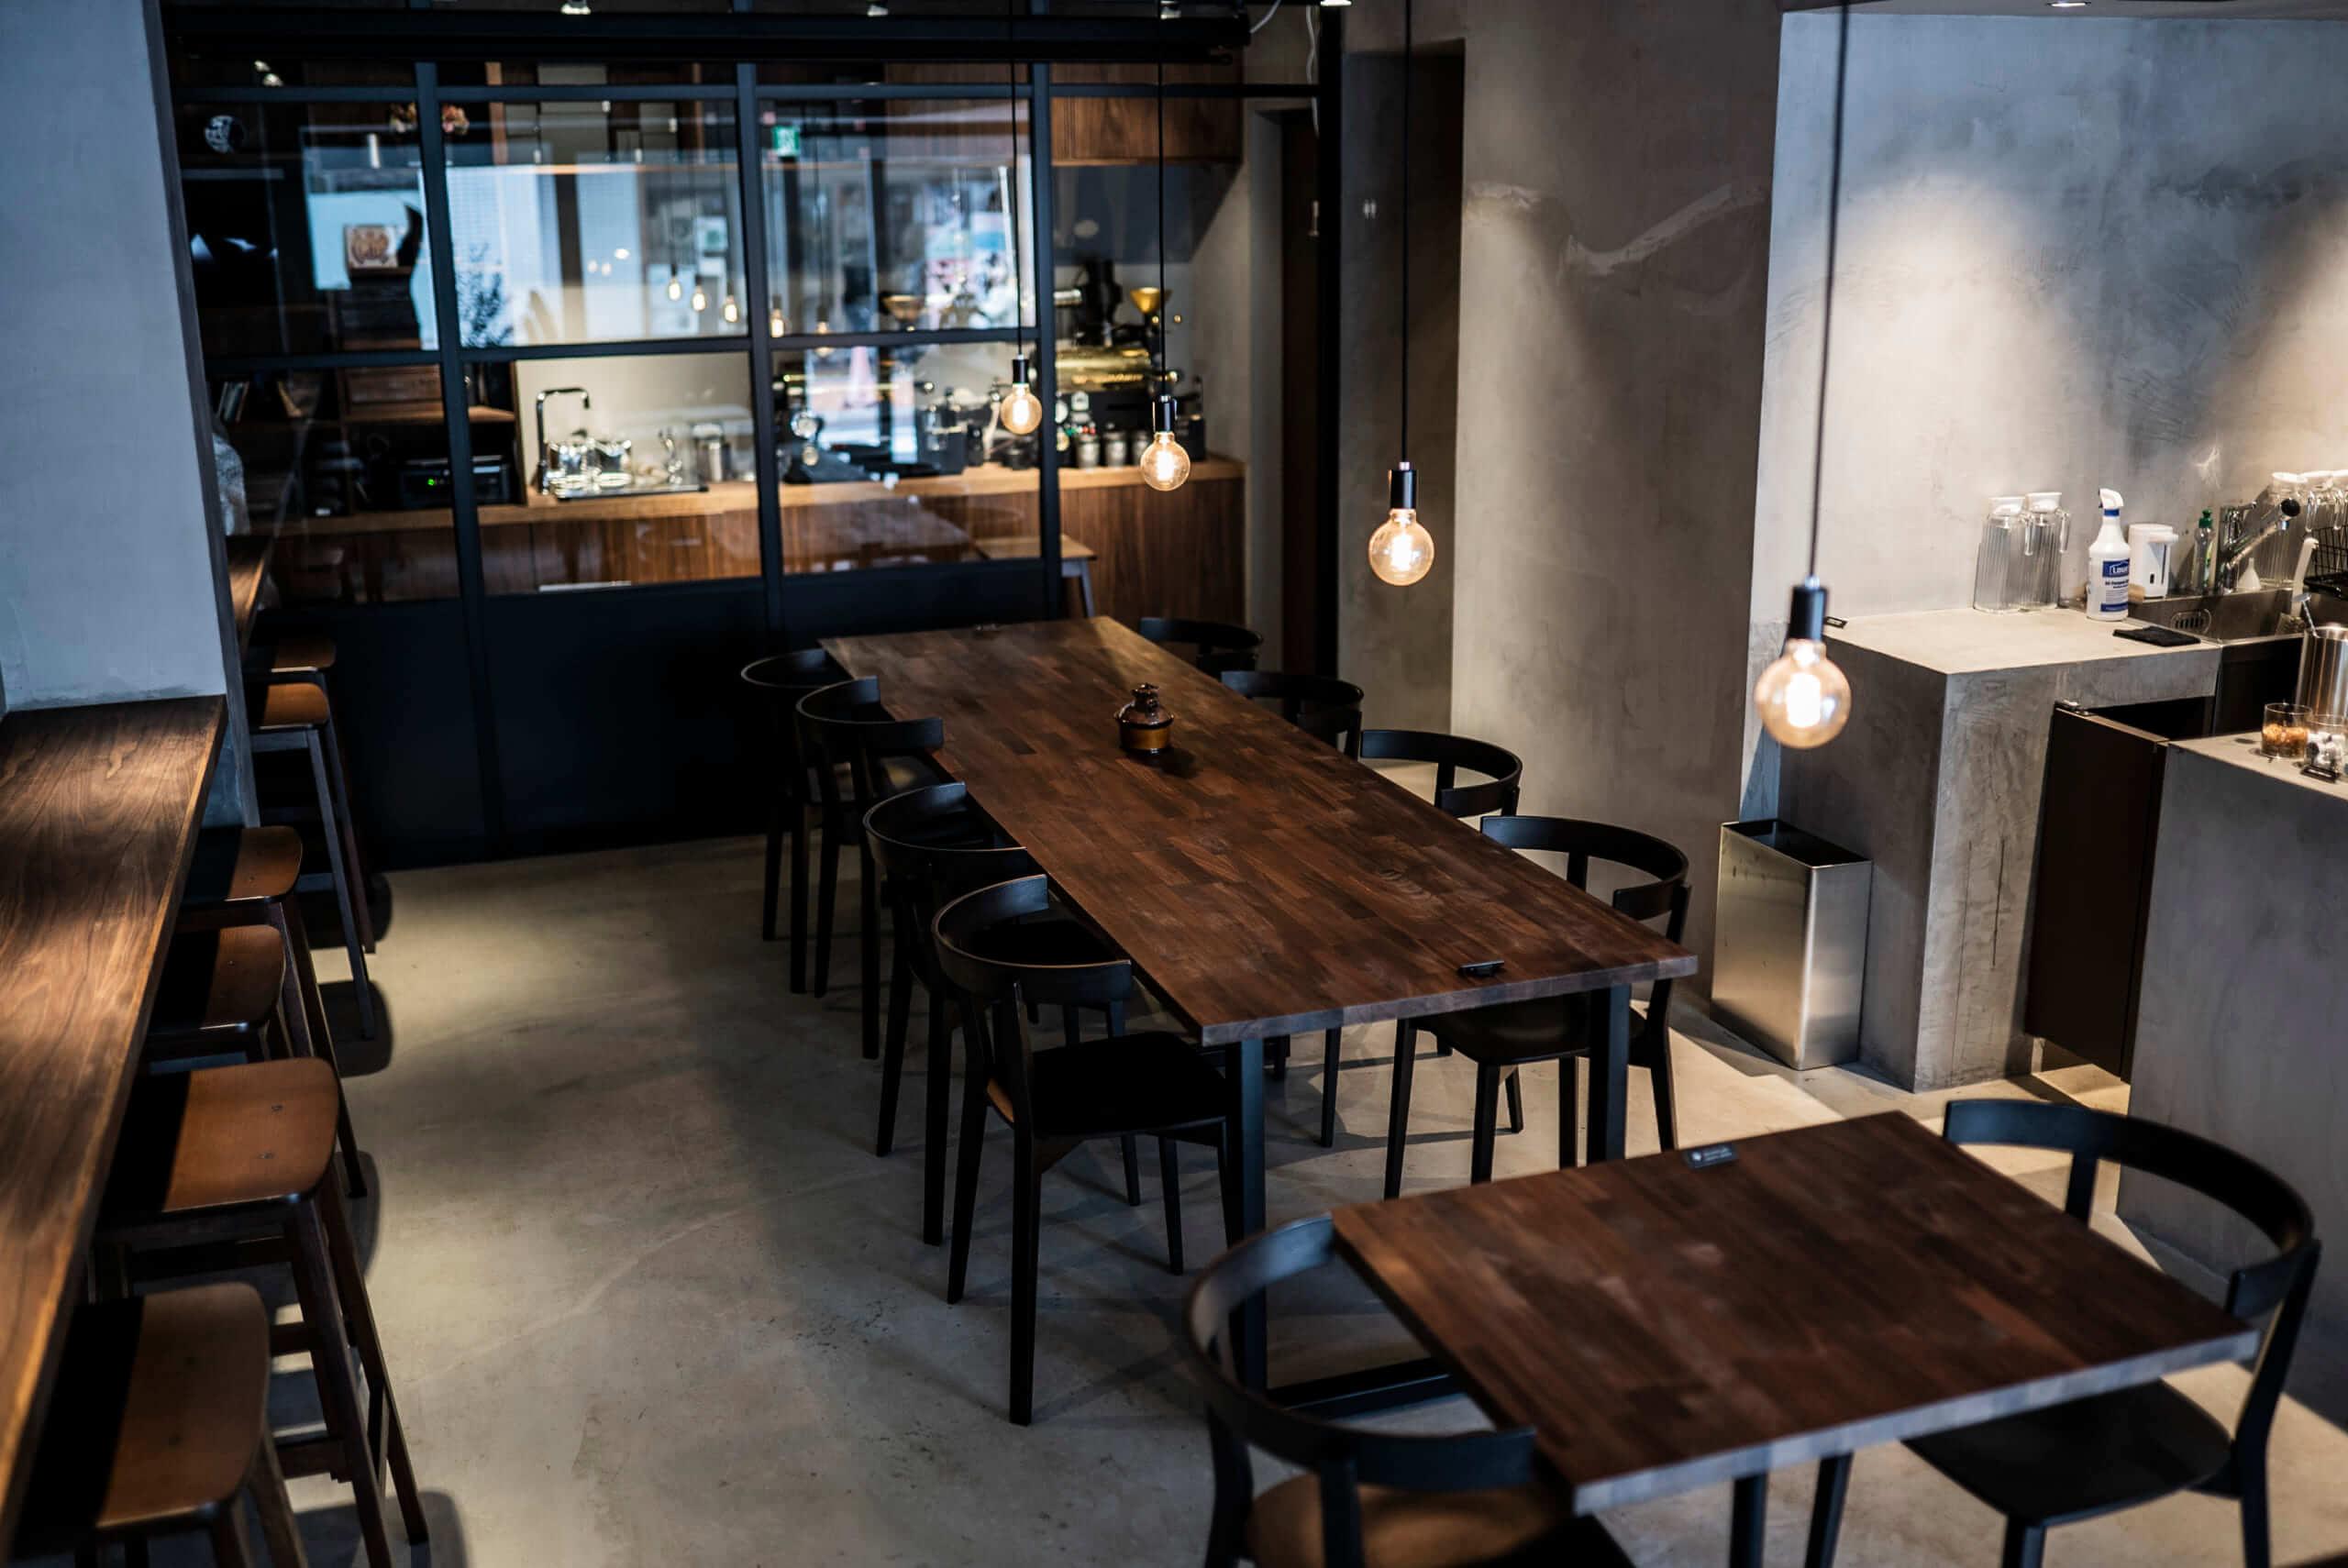 Beasty Coffee [cafe laboratory](ビースティーコーヒー カフェラボラトリー)の店内席